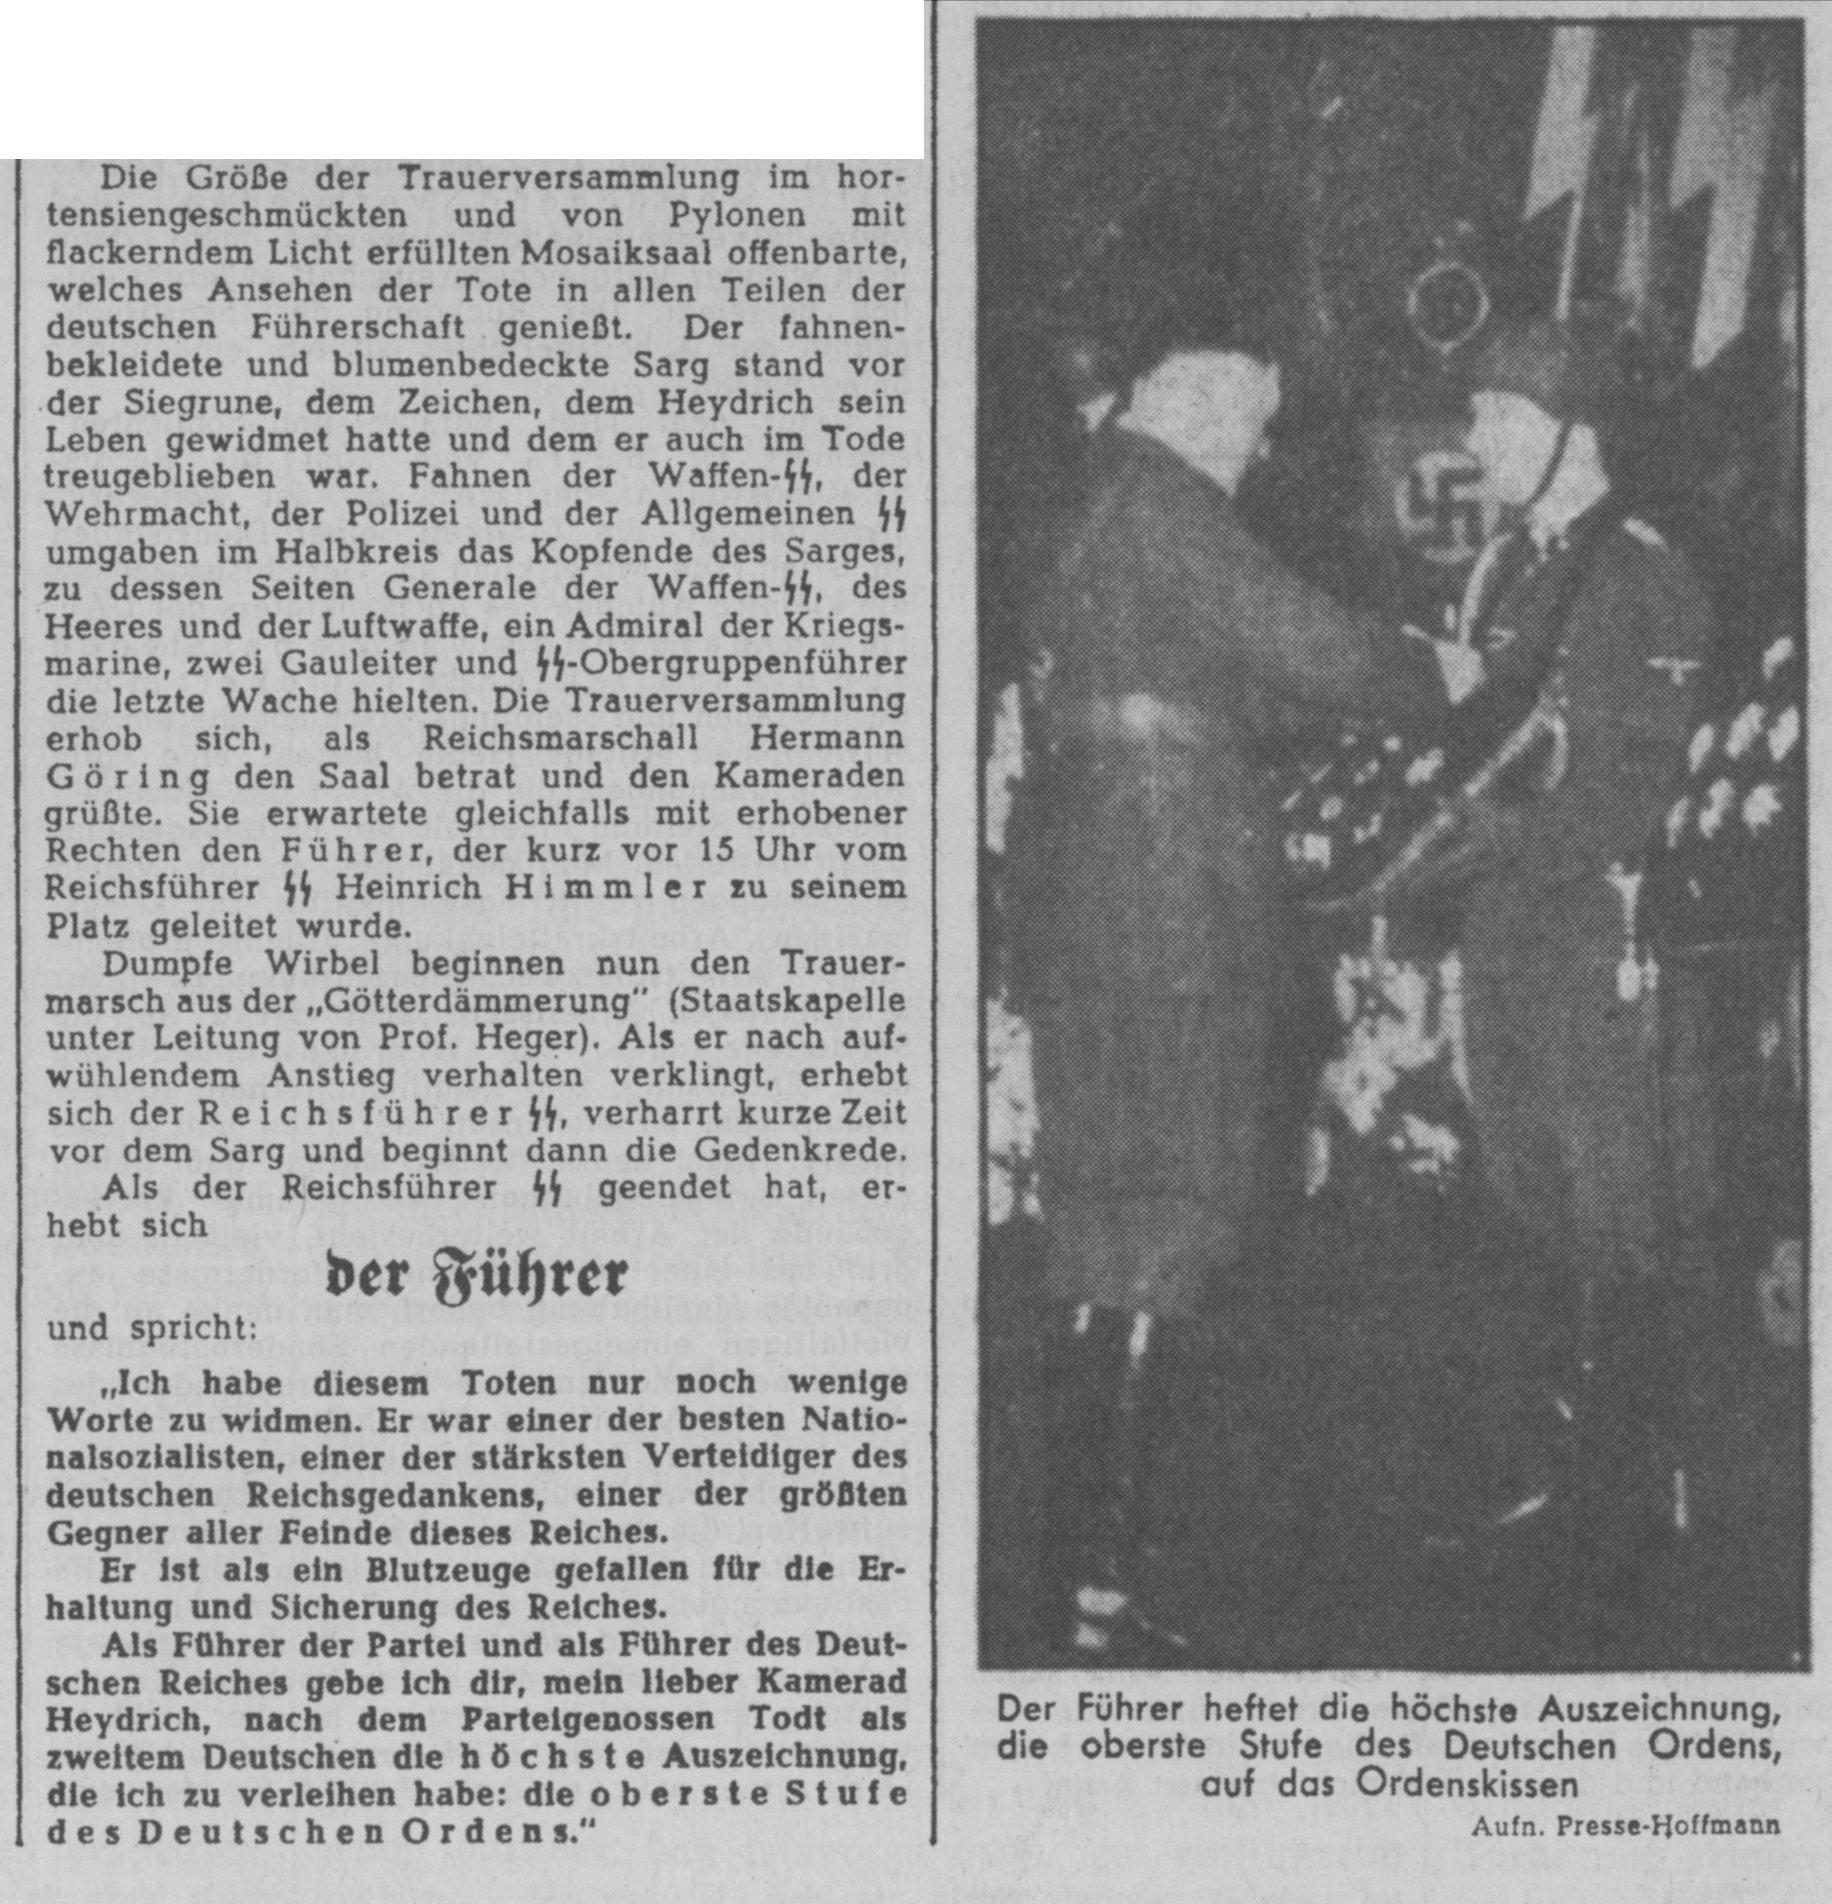 https://i2.wp.com/de.metapedia.org/m/images/d/dc/Hamburger_Fremdenblatt%2C_10._Juni_1942%2C_S._1_-_Trauerfeier_Heydrich.jpg